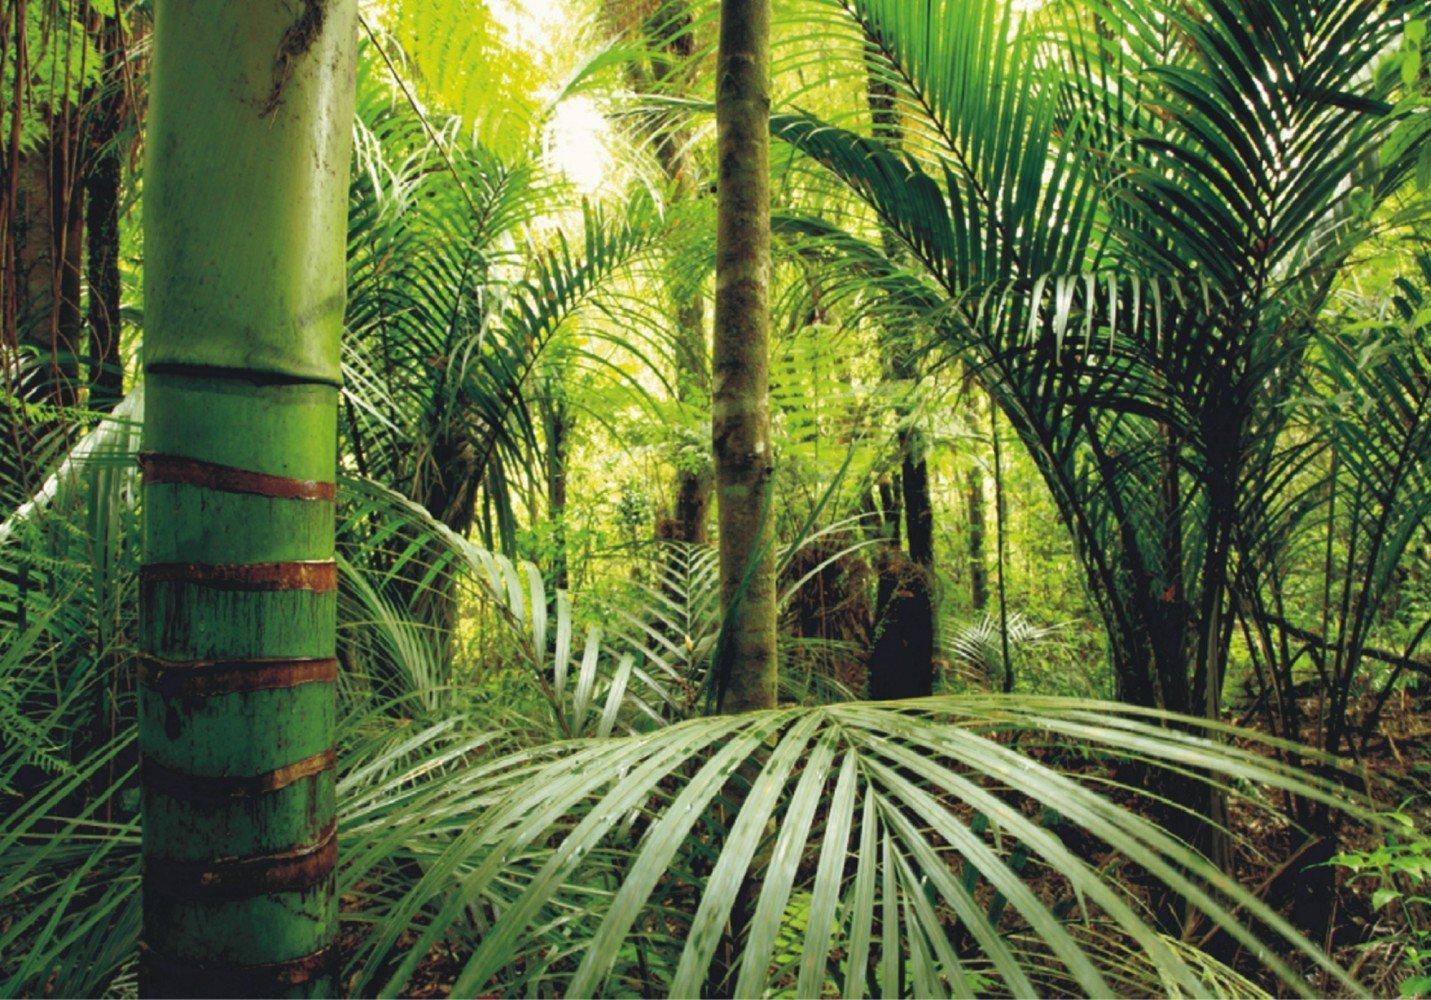 Fototapete Tapete Natur Dschungel Wildniss Pflanzen Foto 360 cm x 270 cm  BaumarktBewertungen und Beschreibung